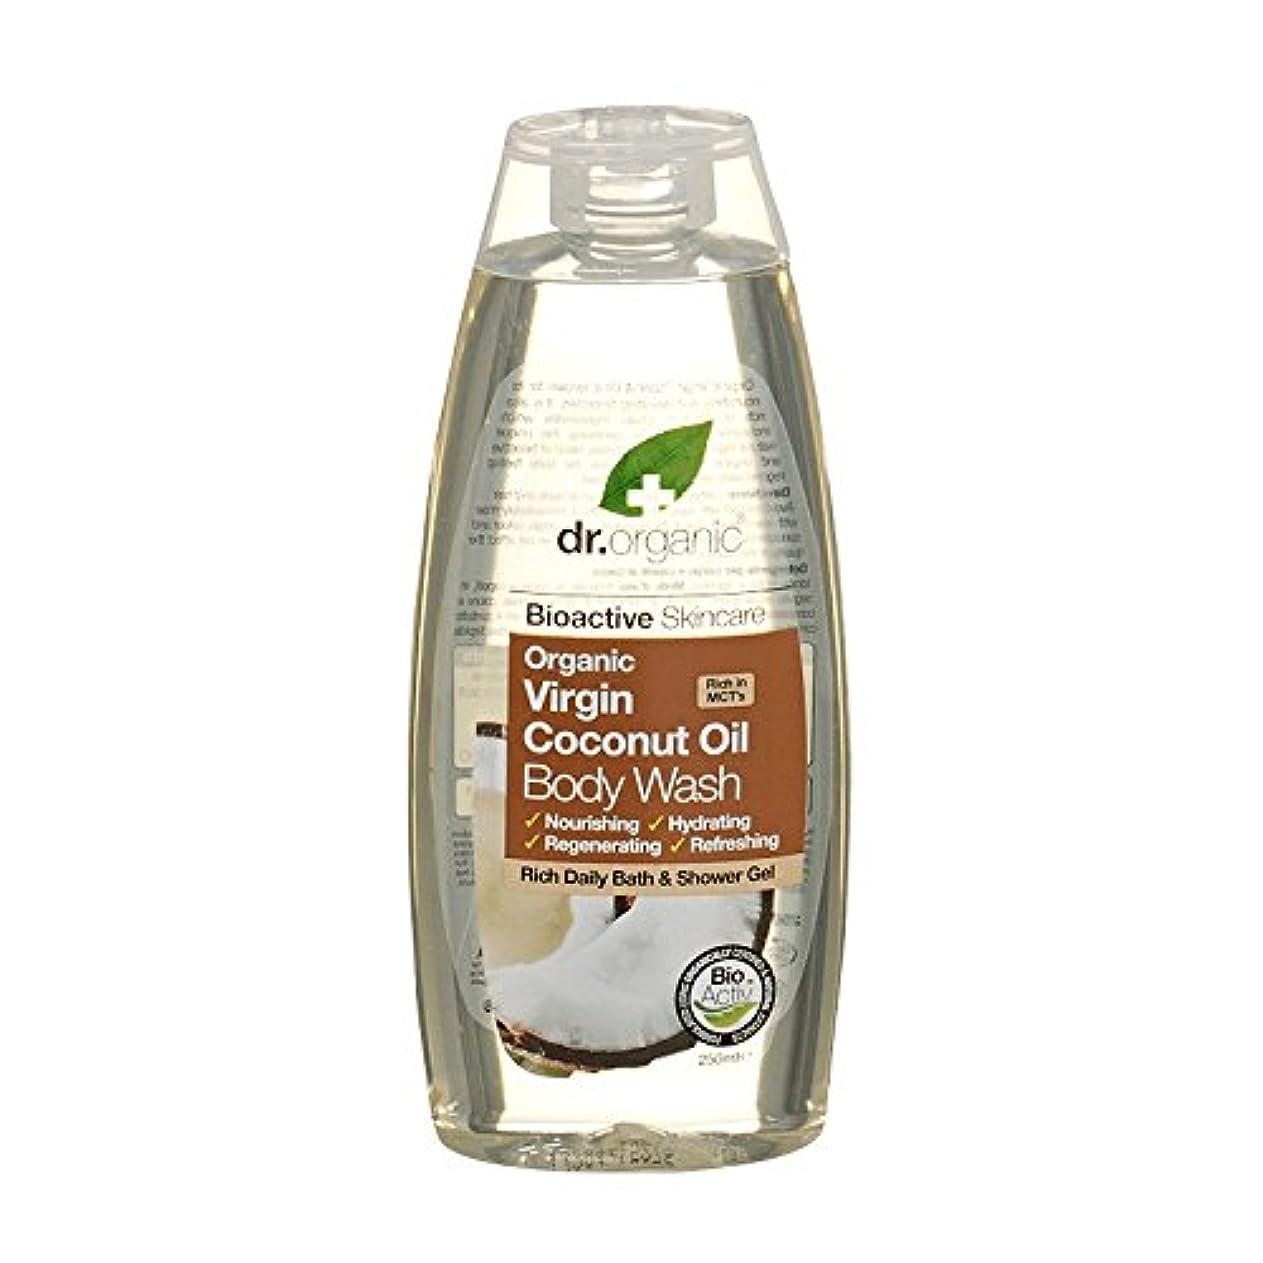 科学的値セールスマンDr有機有機バージンココナッツオイルボディウォッシュ - Dr Organic Organic Virgin Coconut Oil Body Wash (Dr Organic) [並行輸入品]